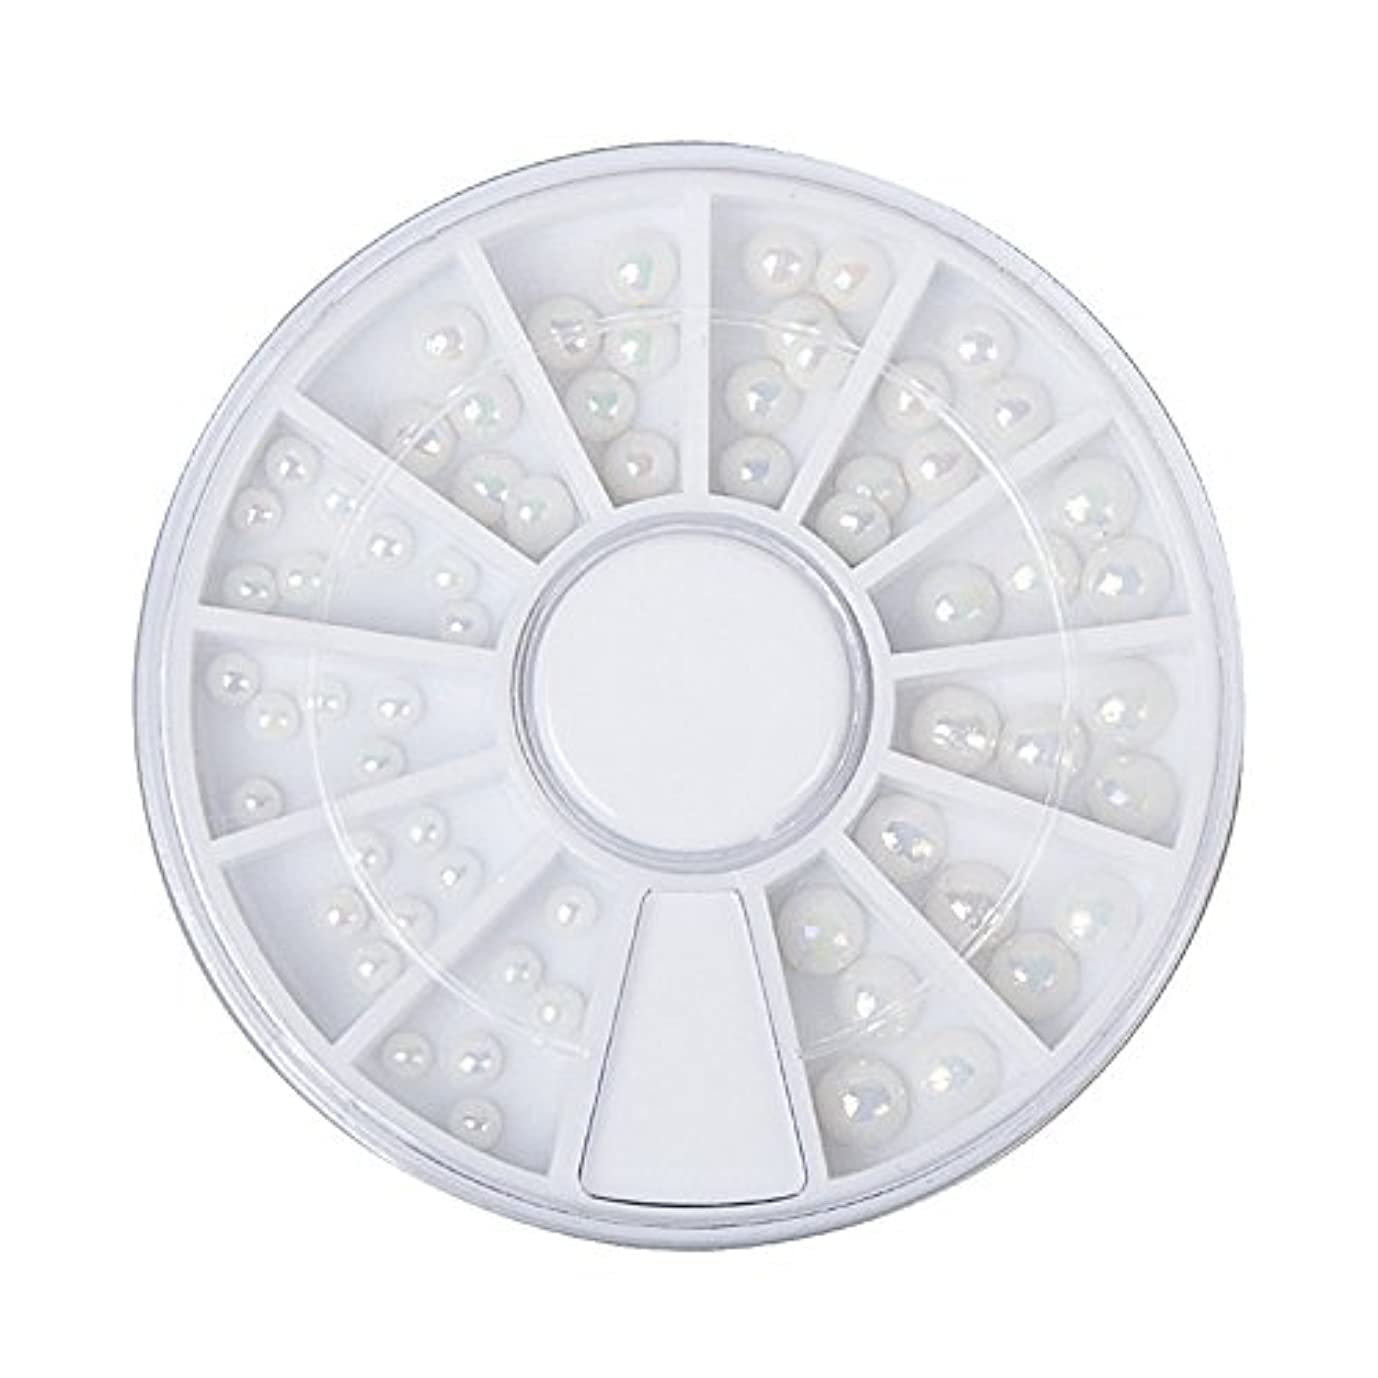 マウスピース呪いミネラルジェルネイル ラインストーン アートパーツ パール ハート ダイヤモンド 22種類選択可